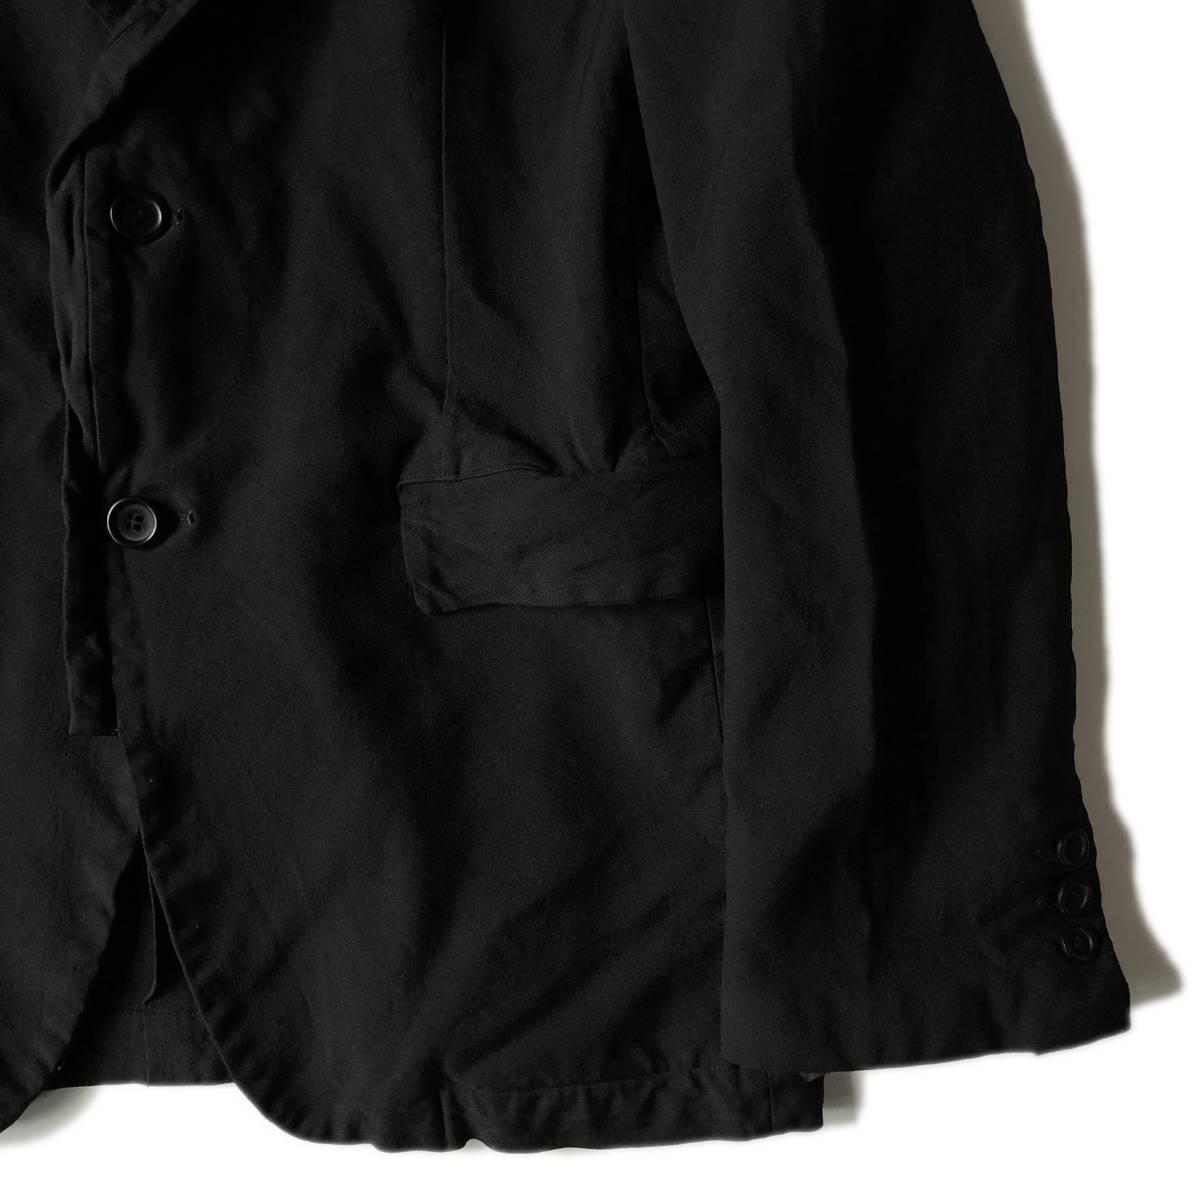 AD2009 BLACK COMME des GARCONS ブラックコムデギャルソン ポリ縮 ジャケット ブラック ポリエステル縮絨 黒 M ※セットアップPTも出品中_画像5